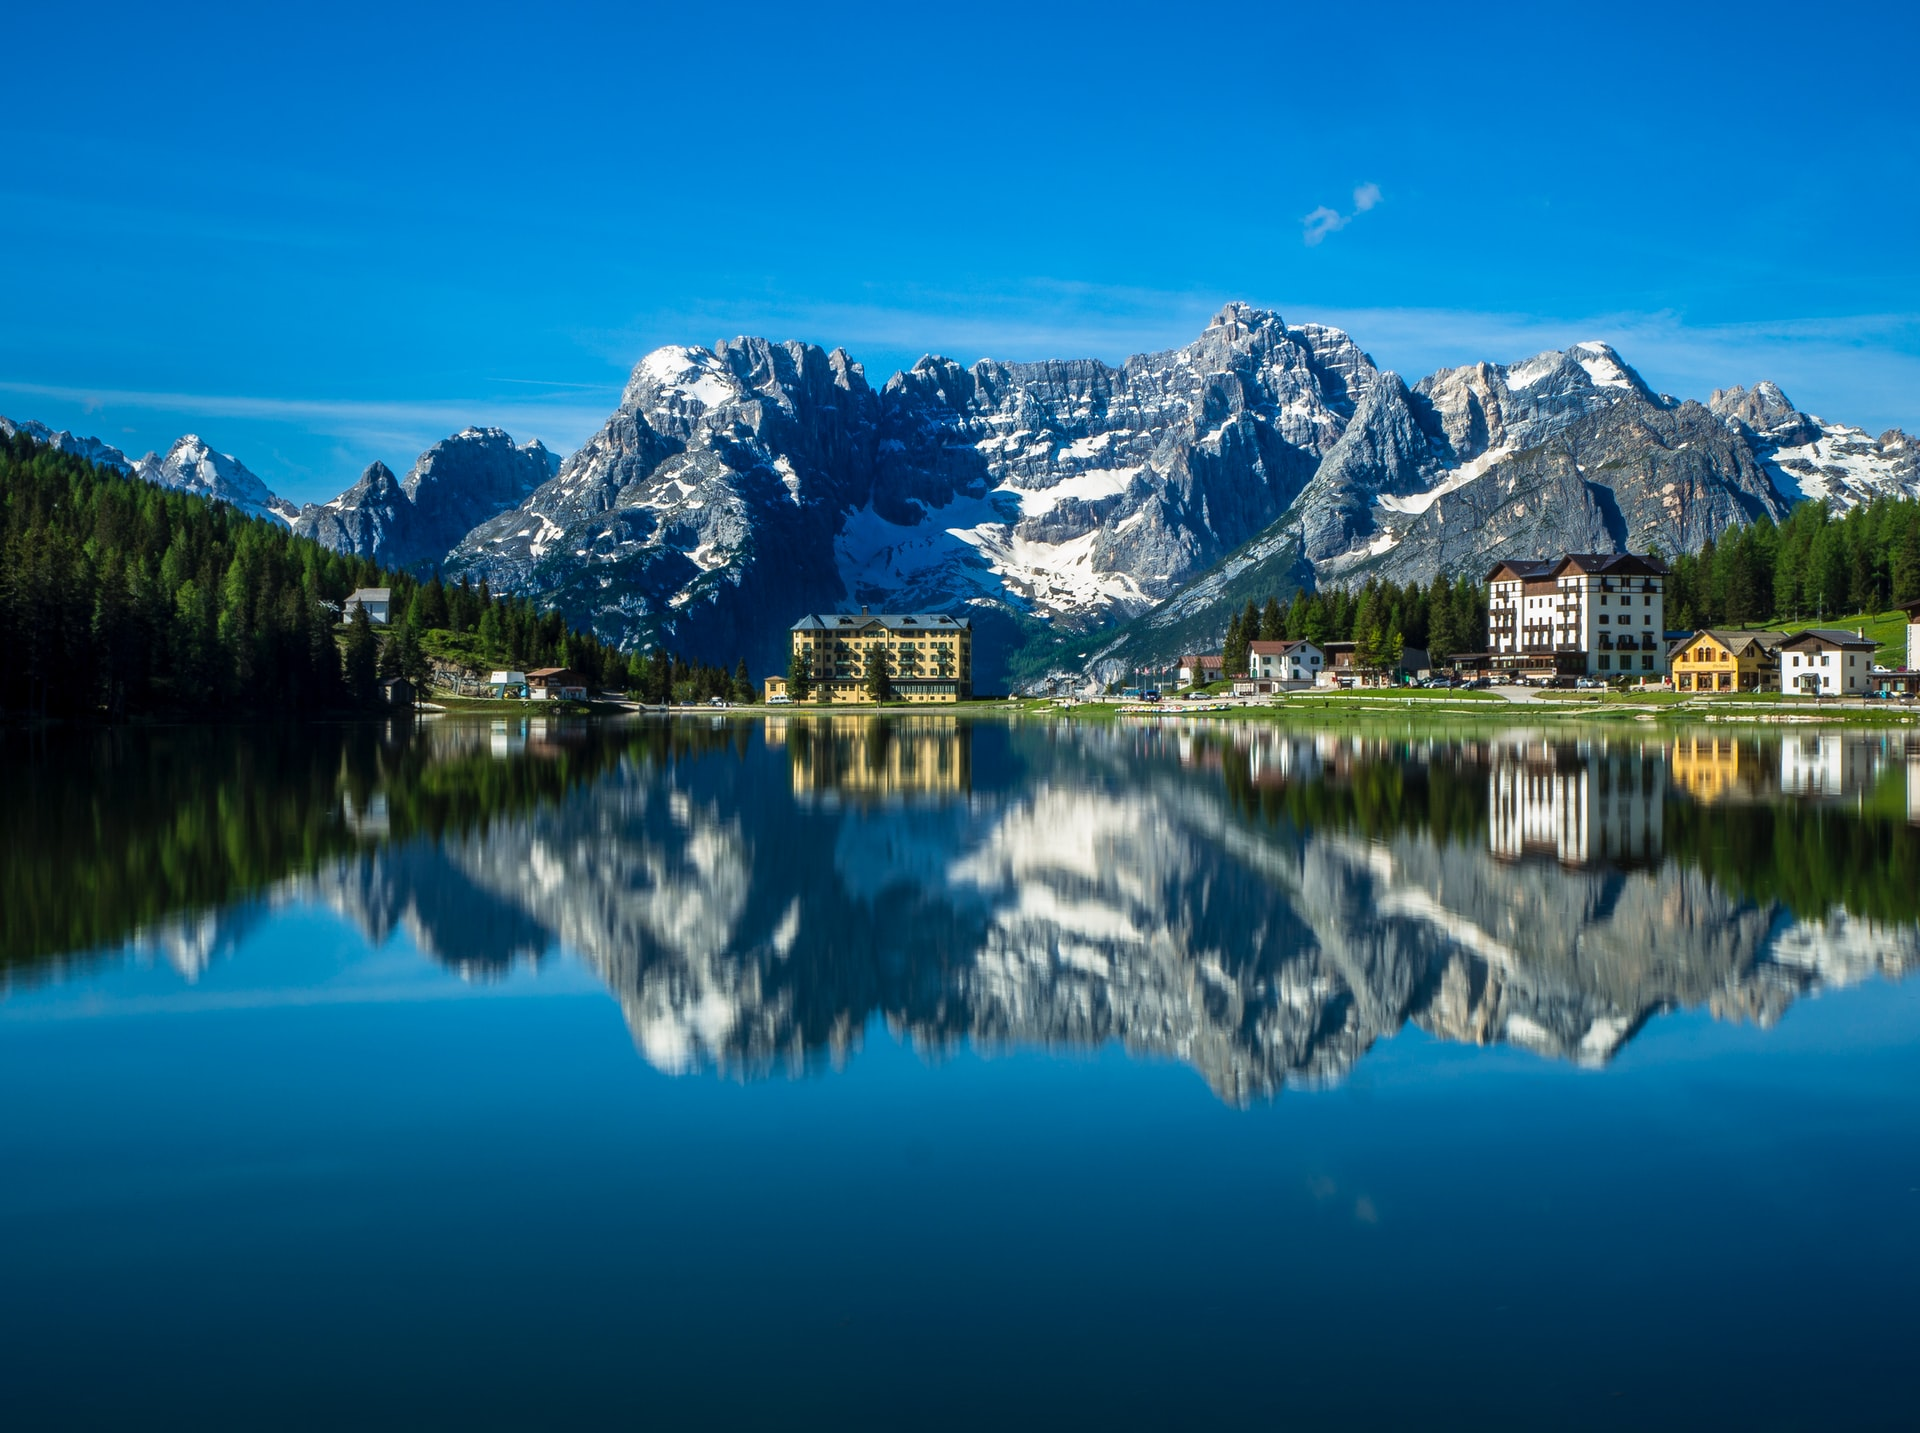 Trend alberghi: a tutta montagna